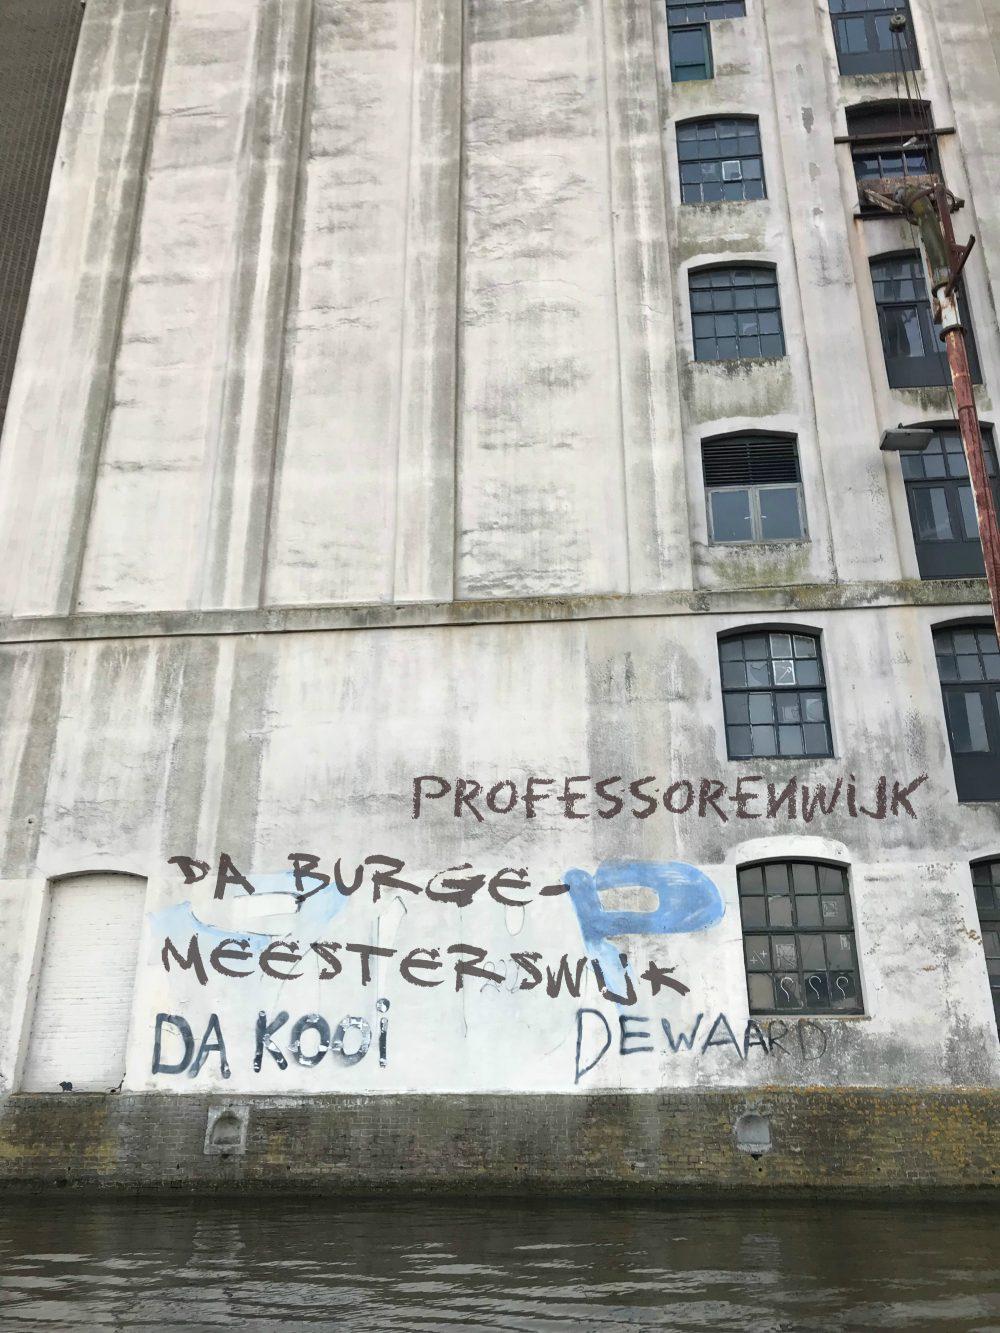 Da Professorenwijk Leiden, represent